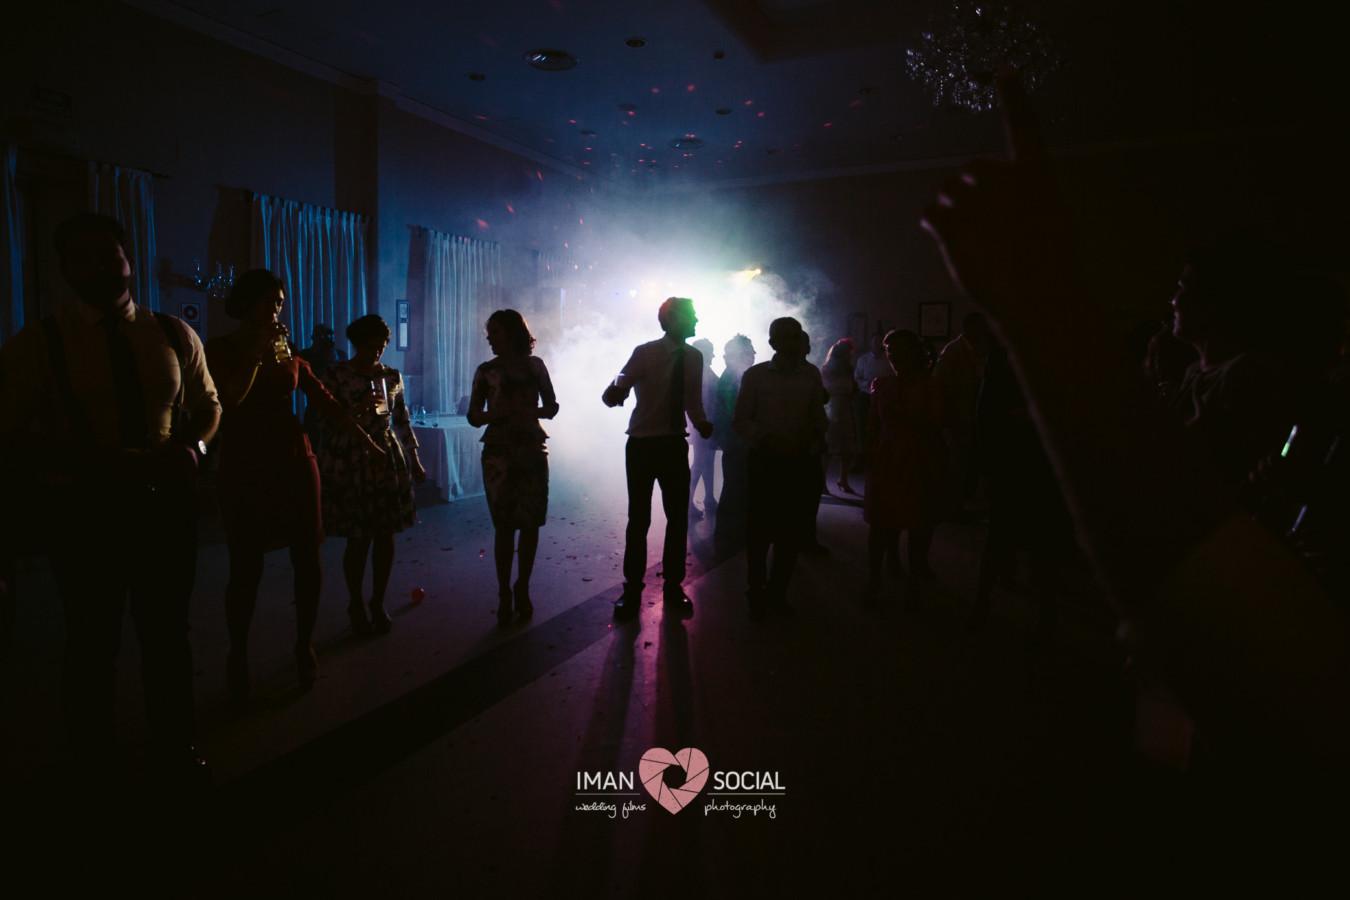 fotografo-de-boda-en-cordoba-sevilla-posadas-boda-auxi-y-antonio-51 Auxi & Antonio, primera boda de la temporada - video boda cordoba